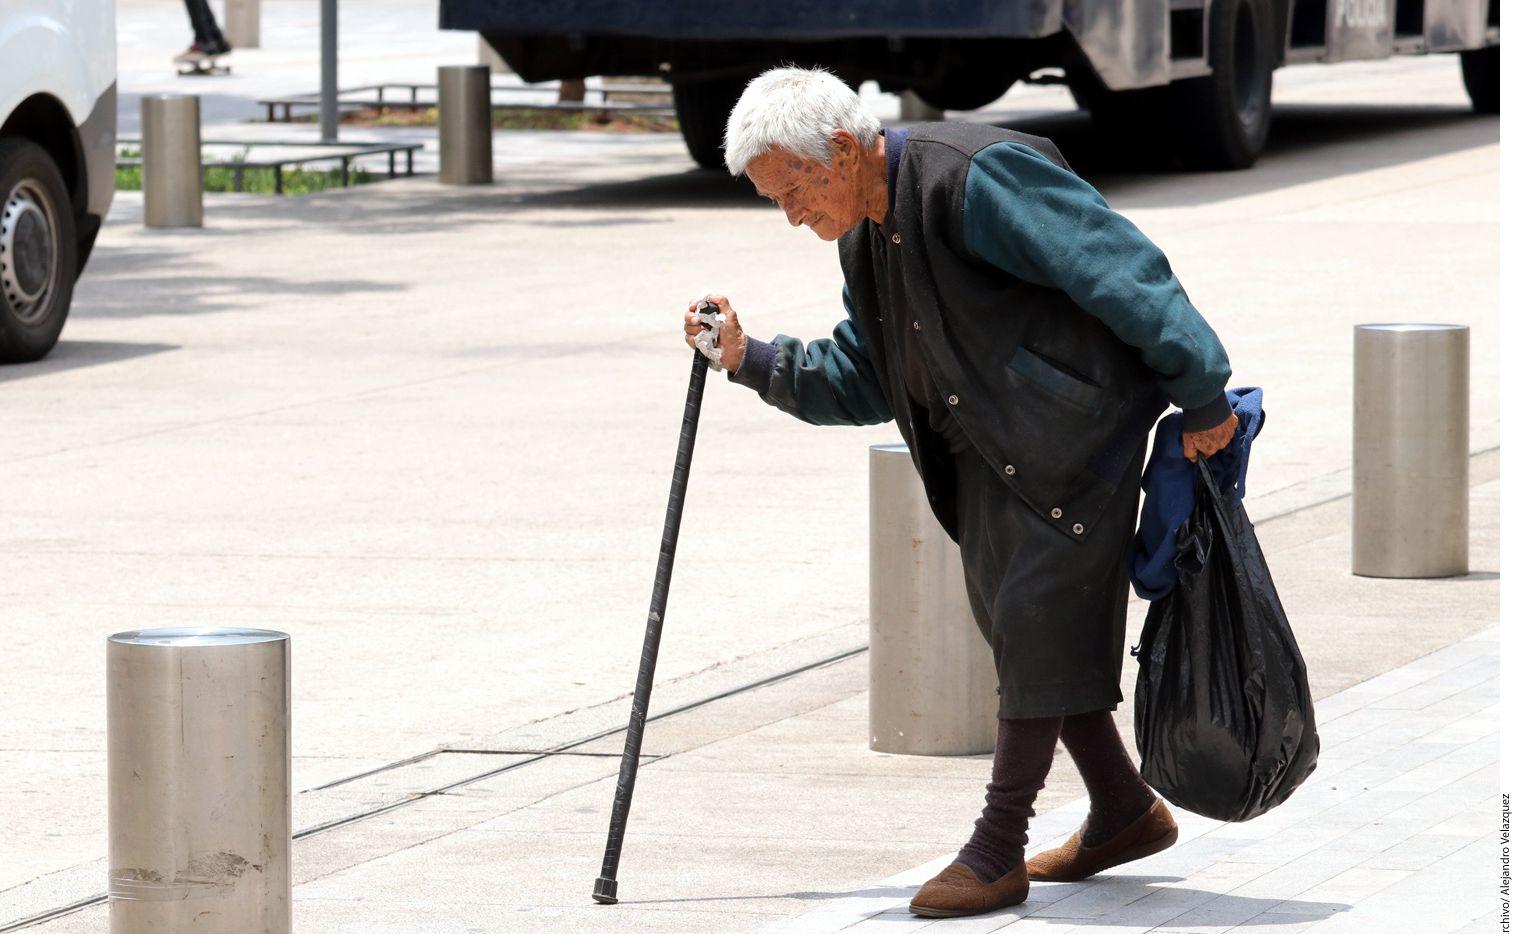 Aditamentos como los bastones, andaderas y sillas de ruedas son esenciales para prevenir caídas, pero no cualquier auxiliar de la marcha se adapta a las condiciones de cada adulto mayor. (AGENCIA REFORMA)